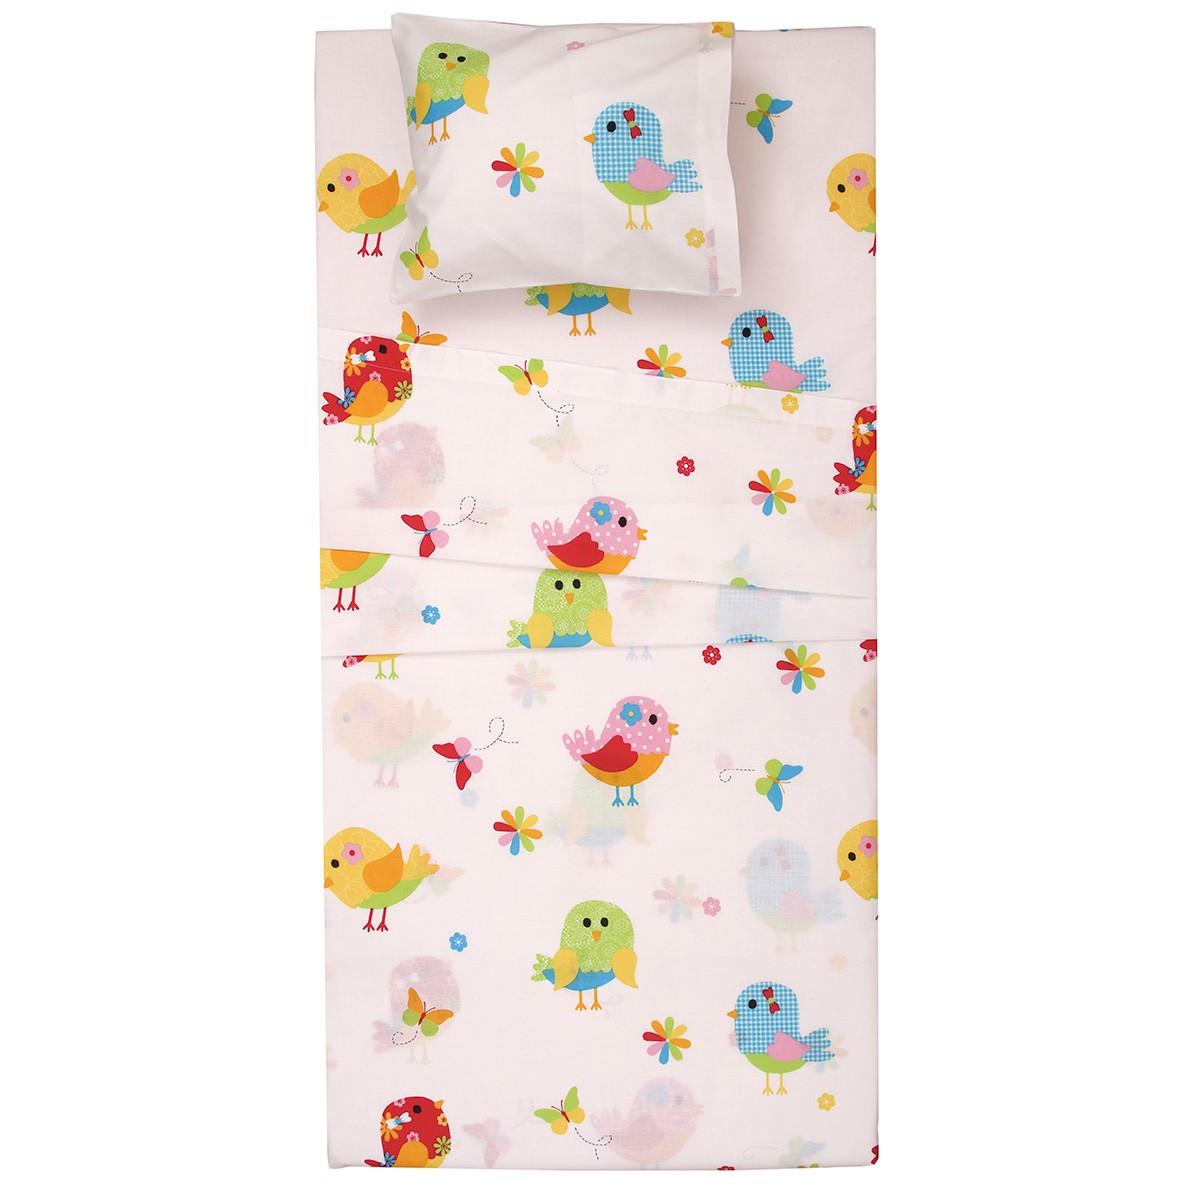 Κουβερλί Κούνιας Viopros Baby Cotton Μπέρντι